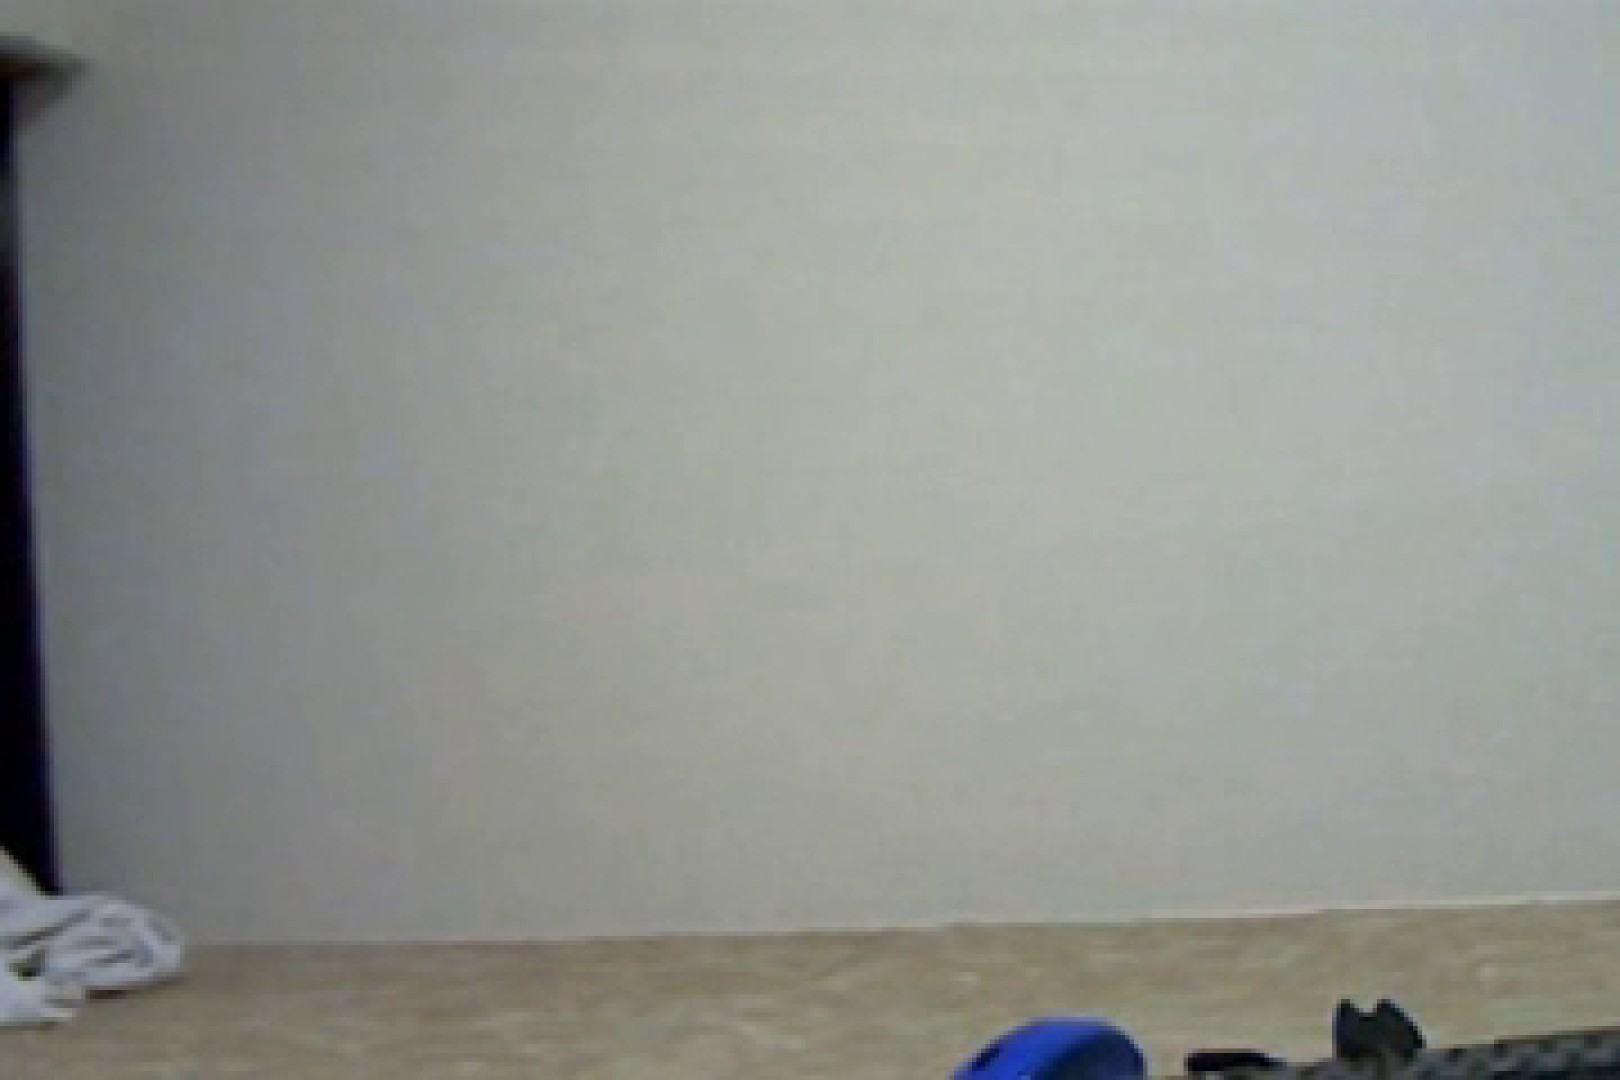 流出!!HalfマラSON! vol.01 モザイク無し ゲイモロ画像 64pic 8